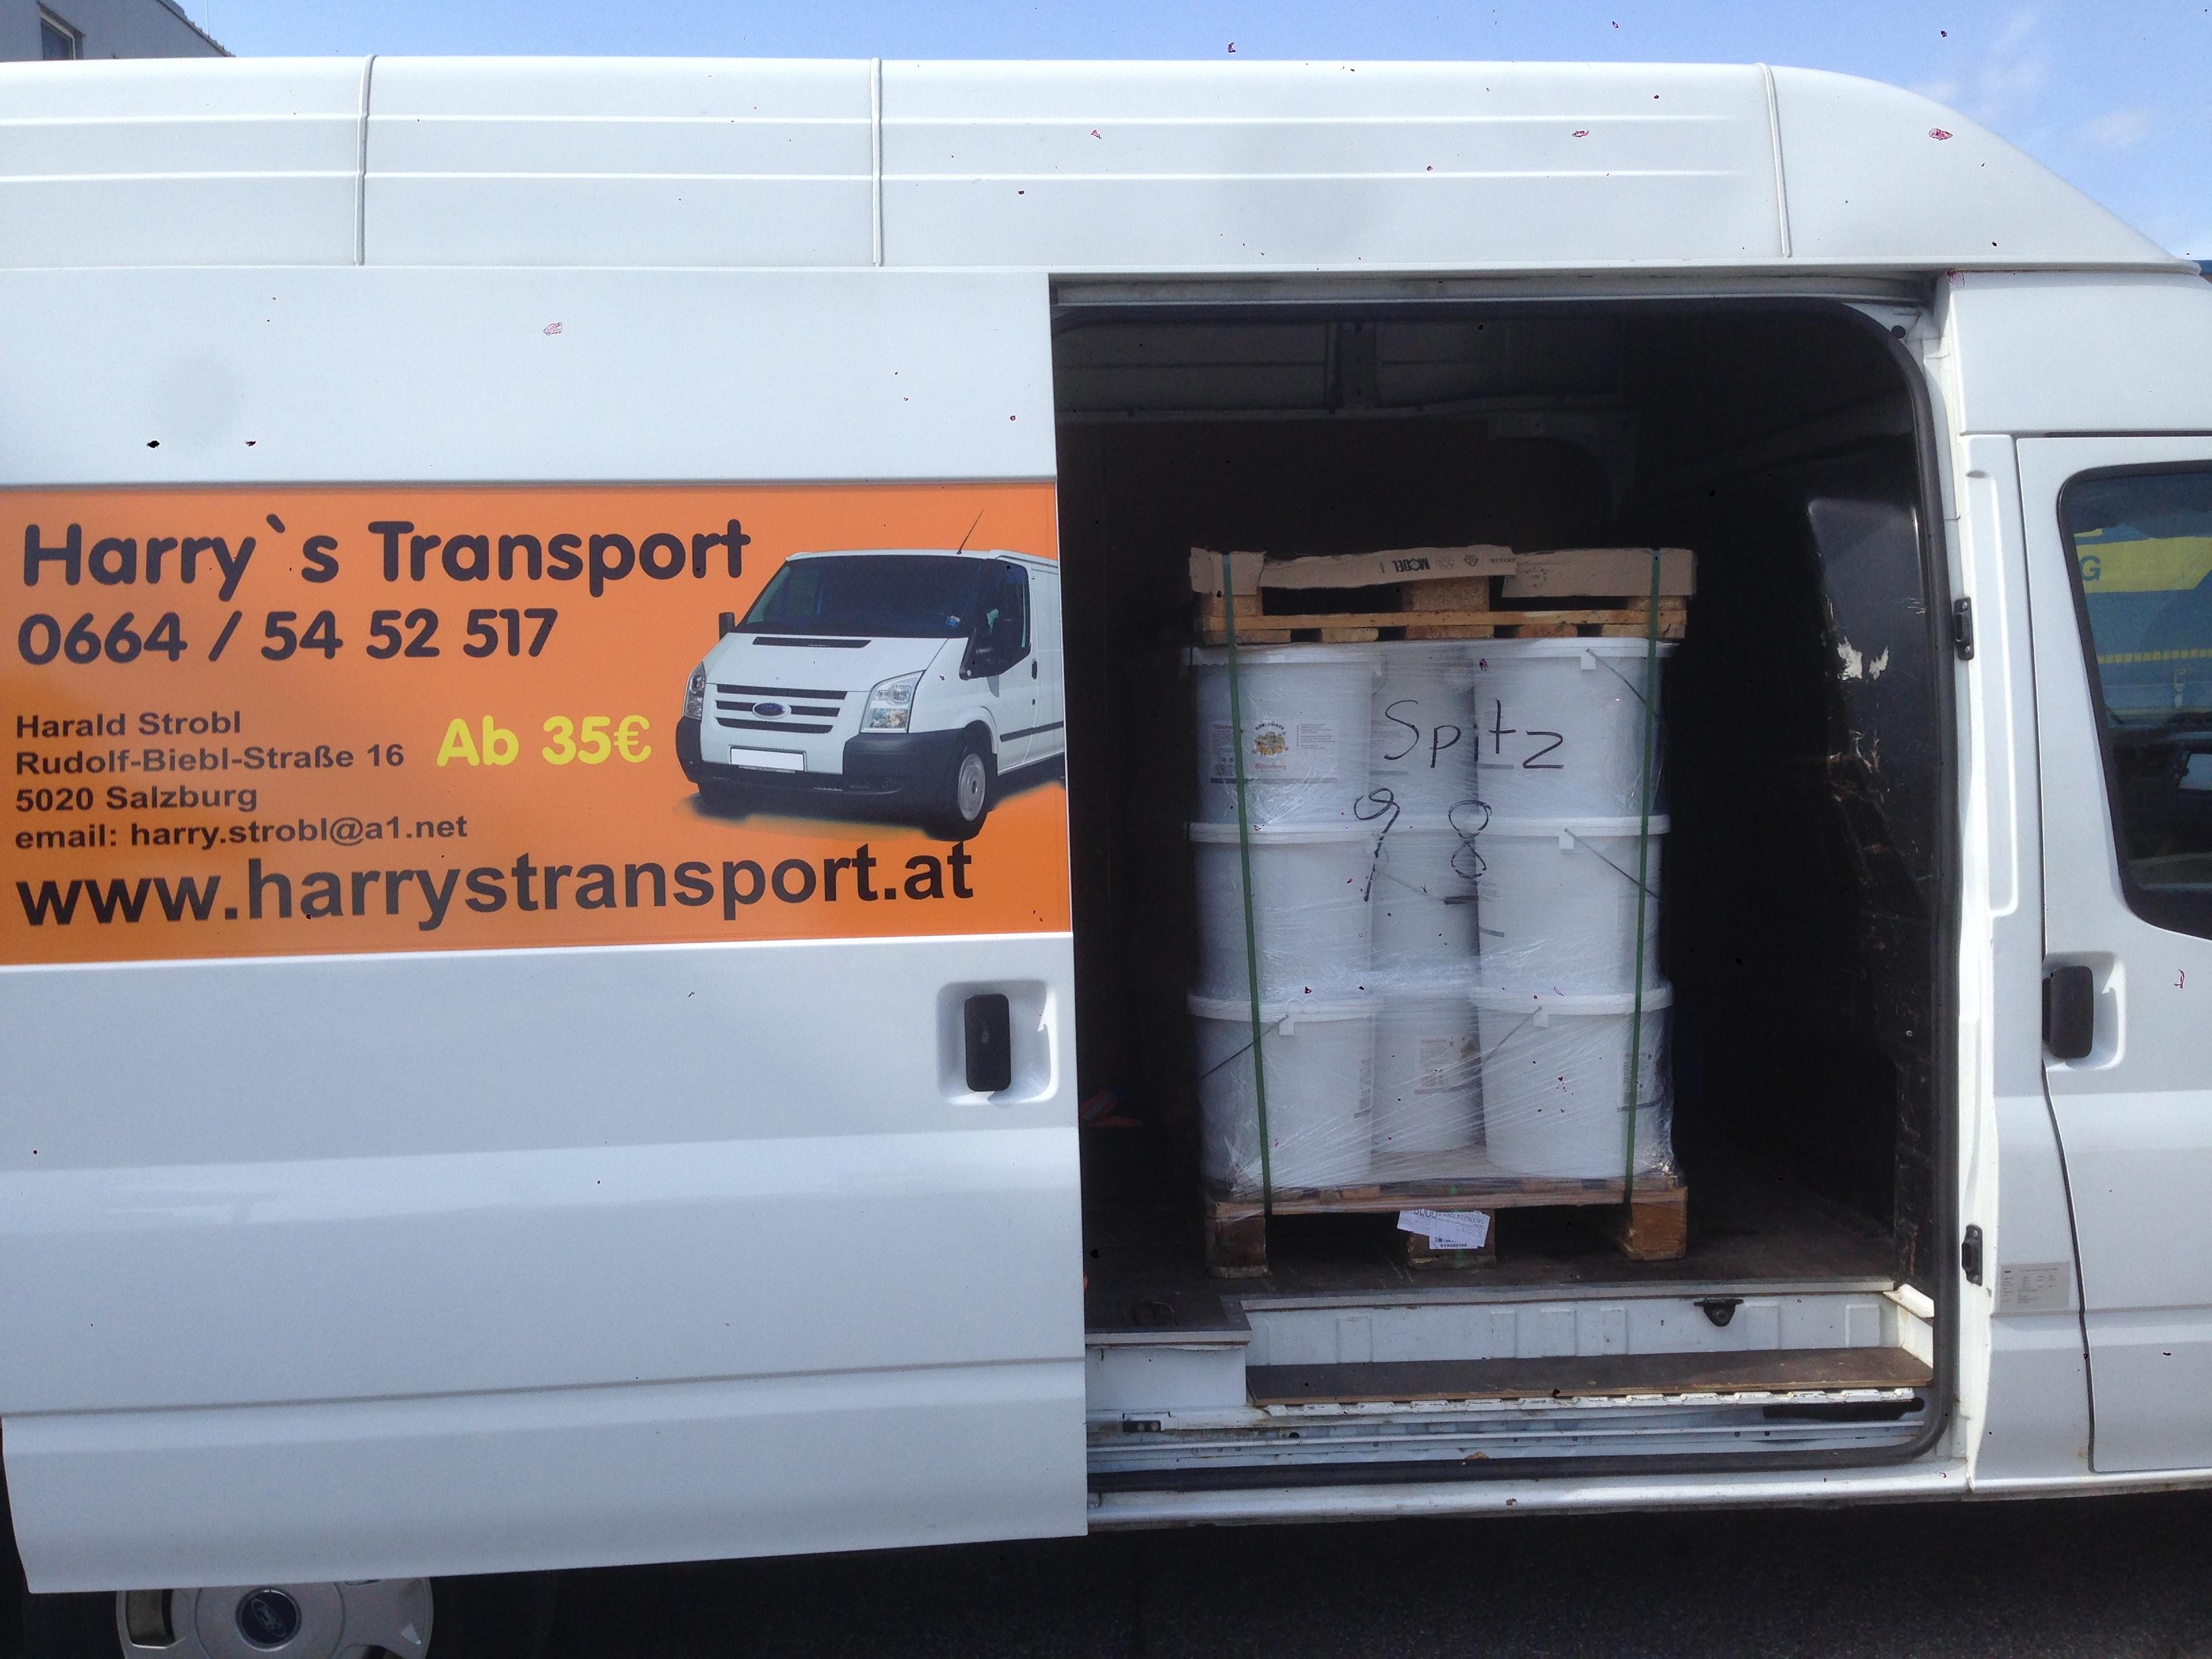 Transport zu einen Malerbetrieb